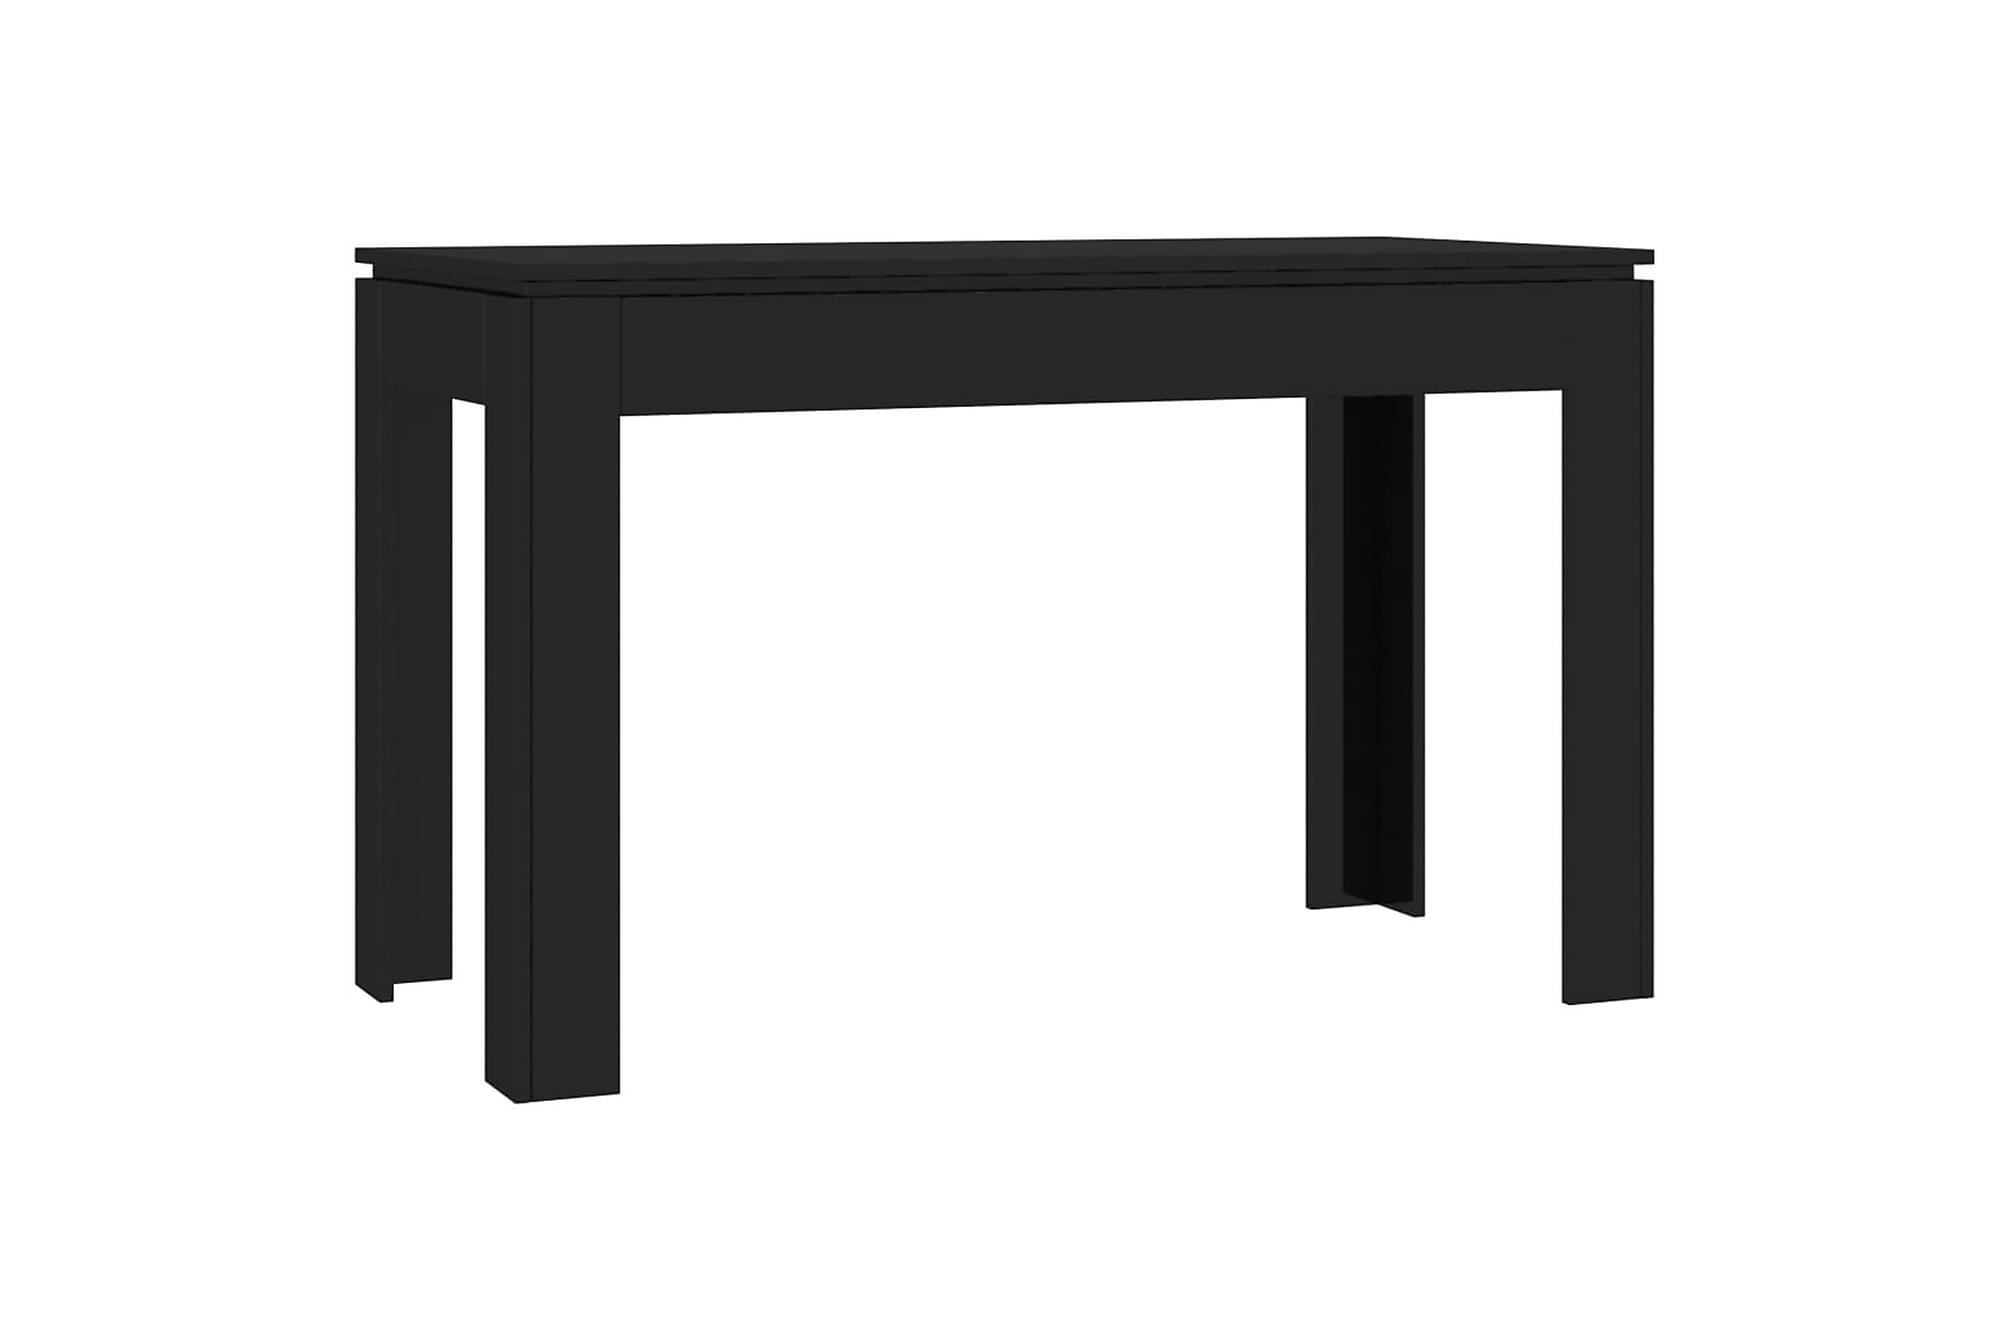 Matbord svart högglans 120x60x76 cm spånskiva